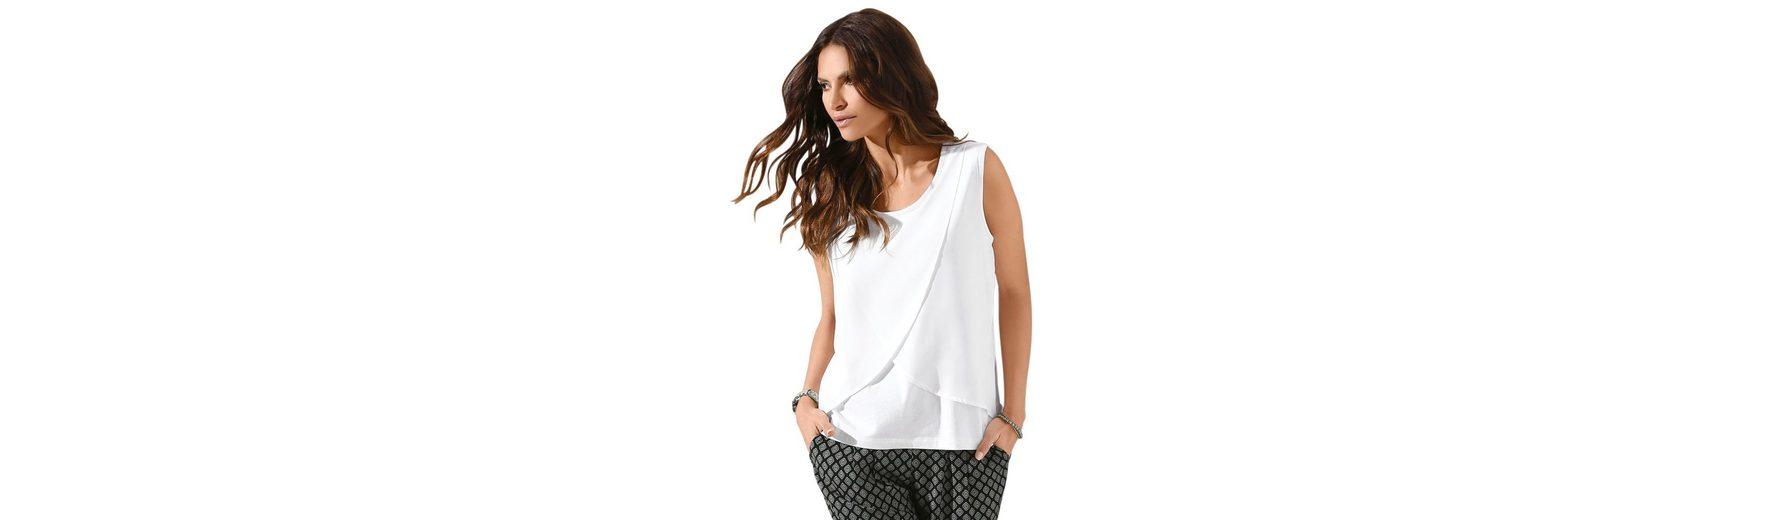 Freies Verschiffen Bestes Geschäft Zu Bekommen Spielraum Größte Lieferant Classic Inspirationen Shirttop im Lagenlook vbesQ11G